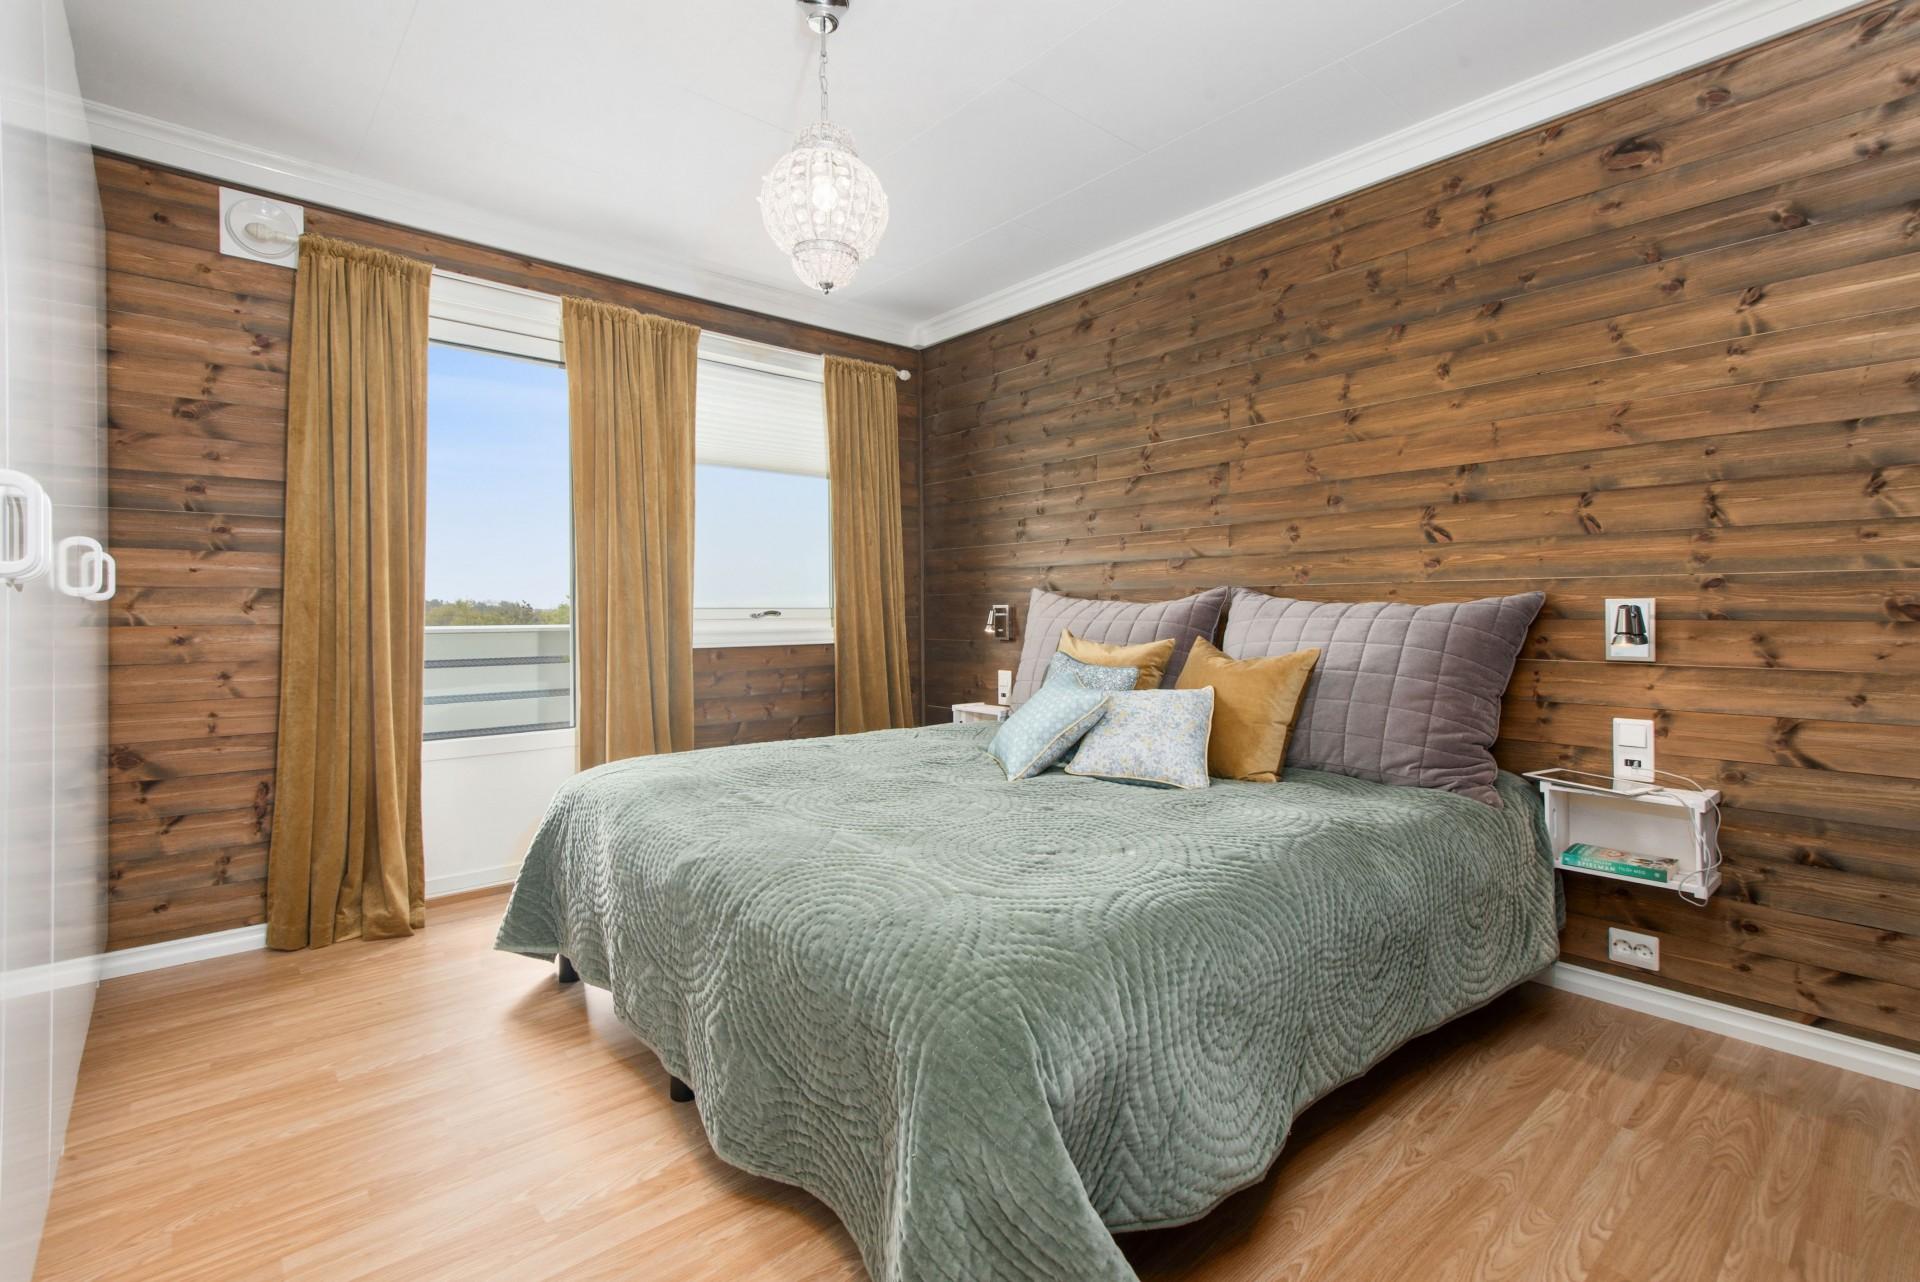 Wood/Brown Room